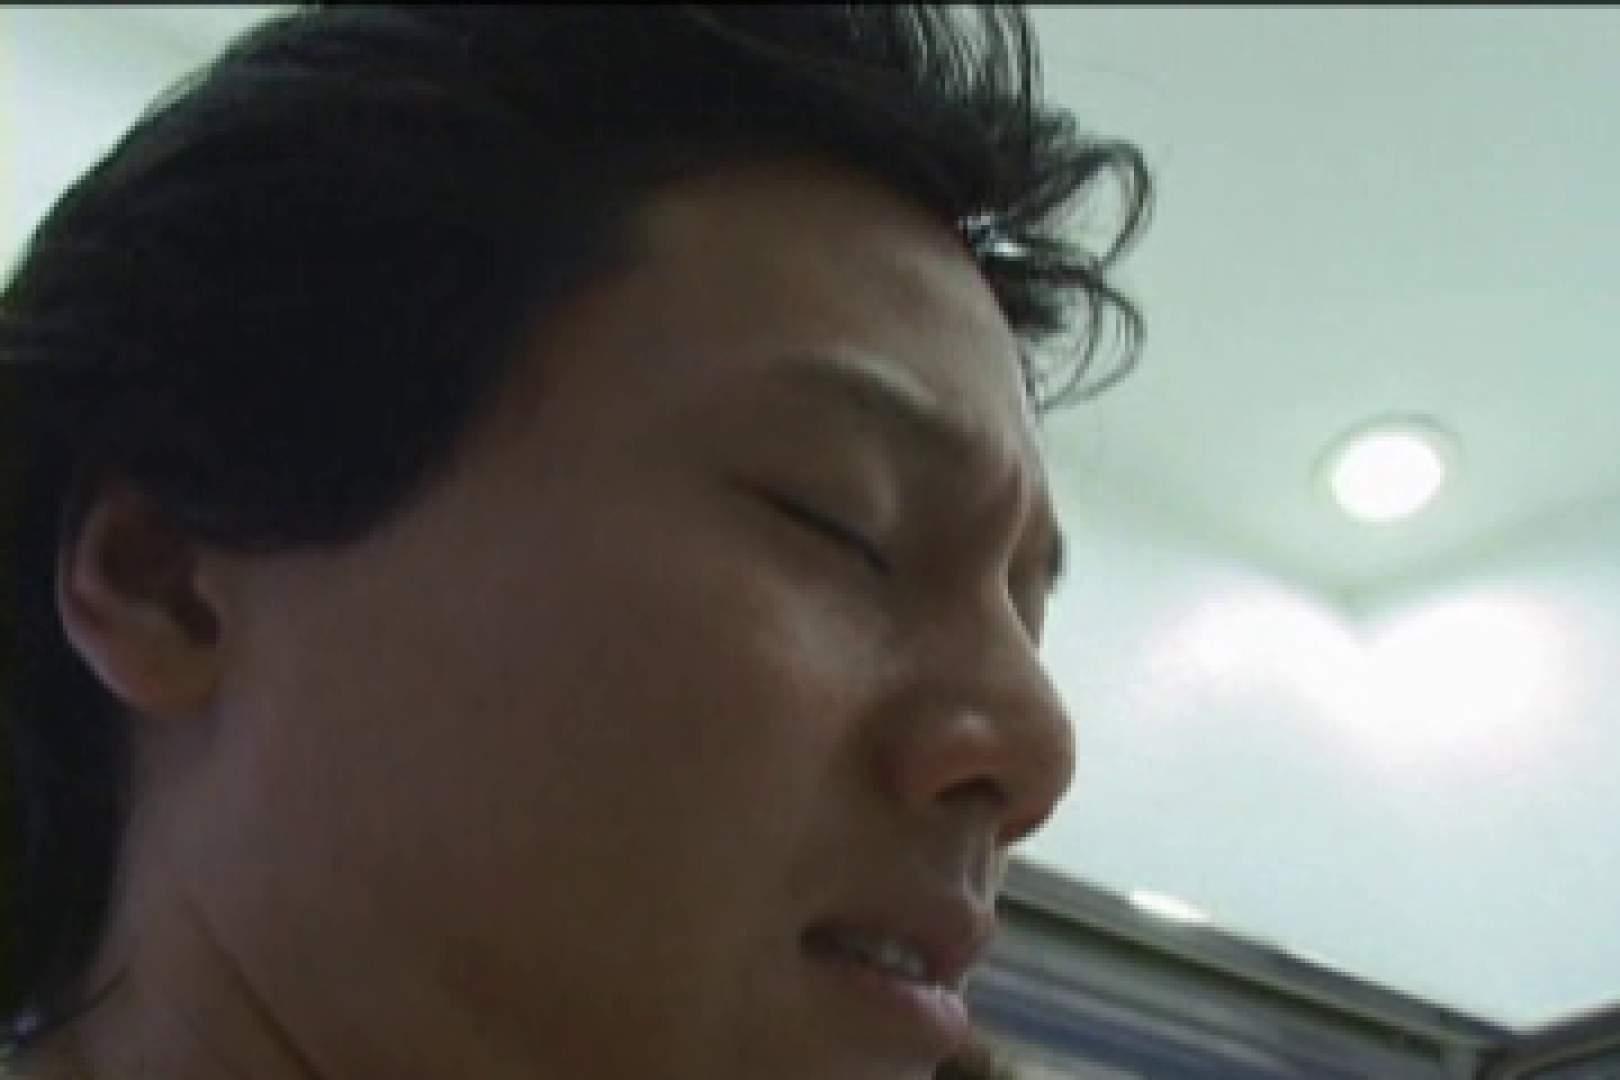 イケメンキラキラ列伝!02 スジ筋系マッチョマン ゲイ精子画像 29連発 21